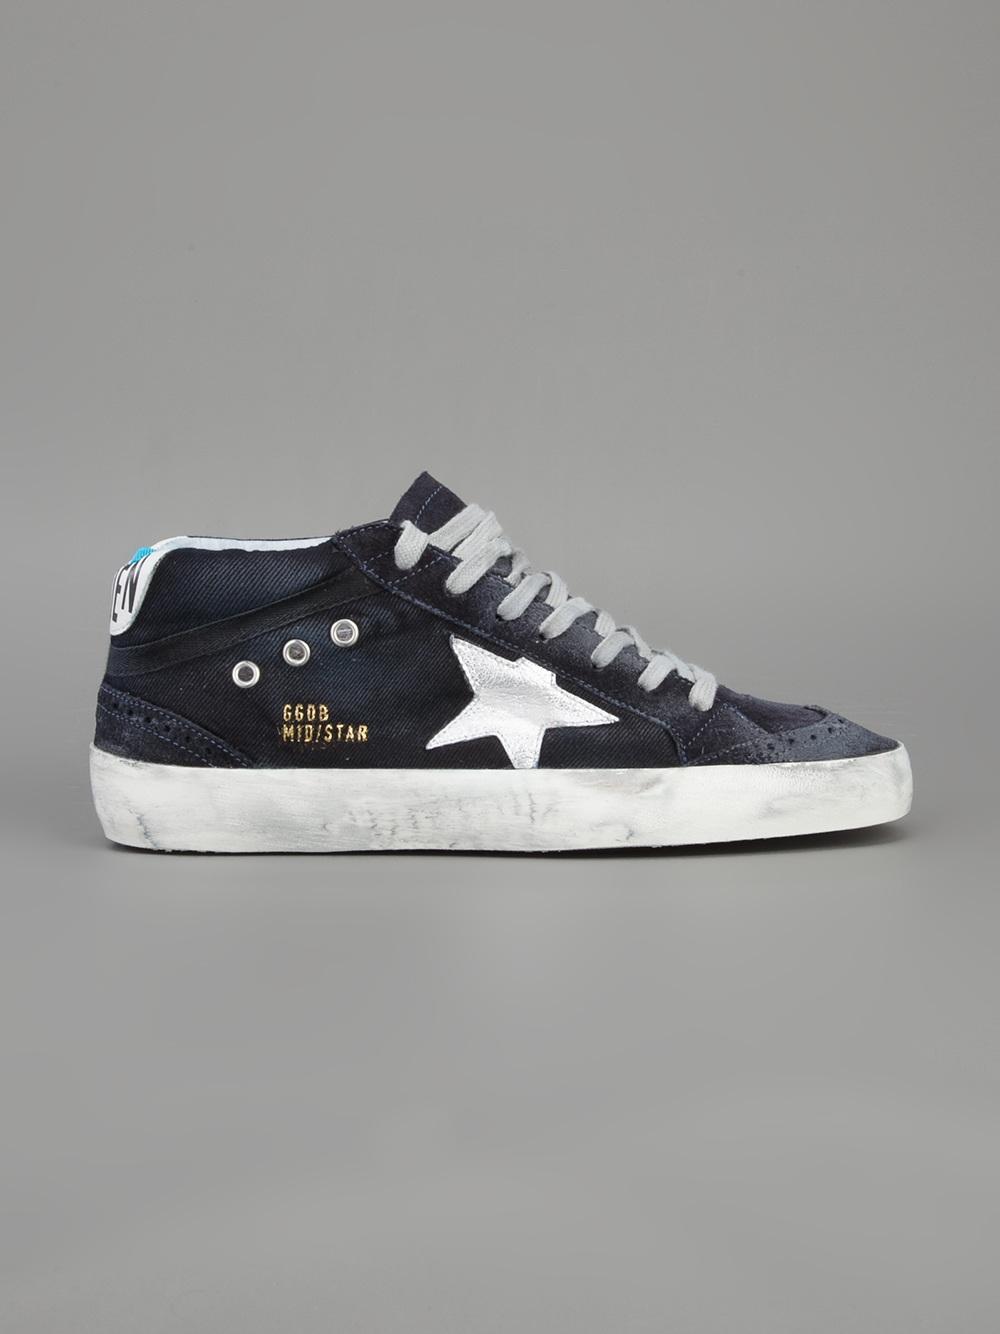 Oie D'or De Luxe Marque Chaussures De Sport Mi Étoiles nCEETv0